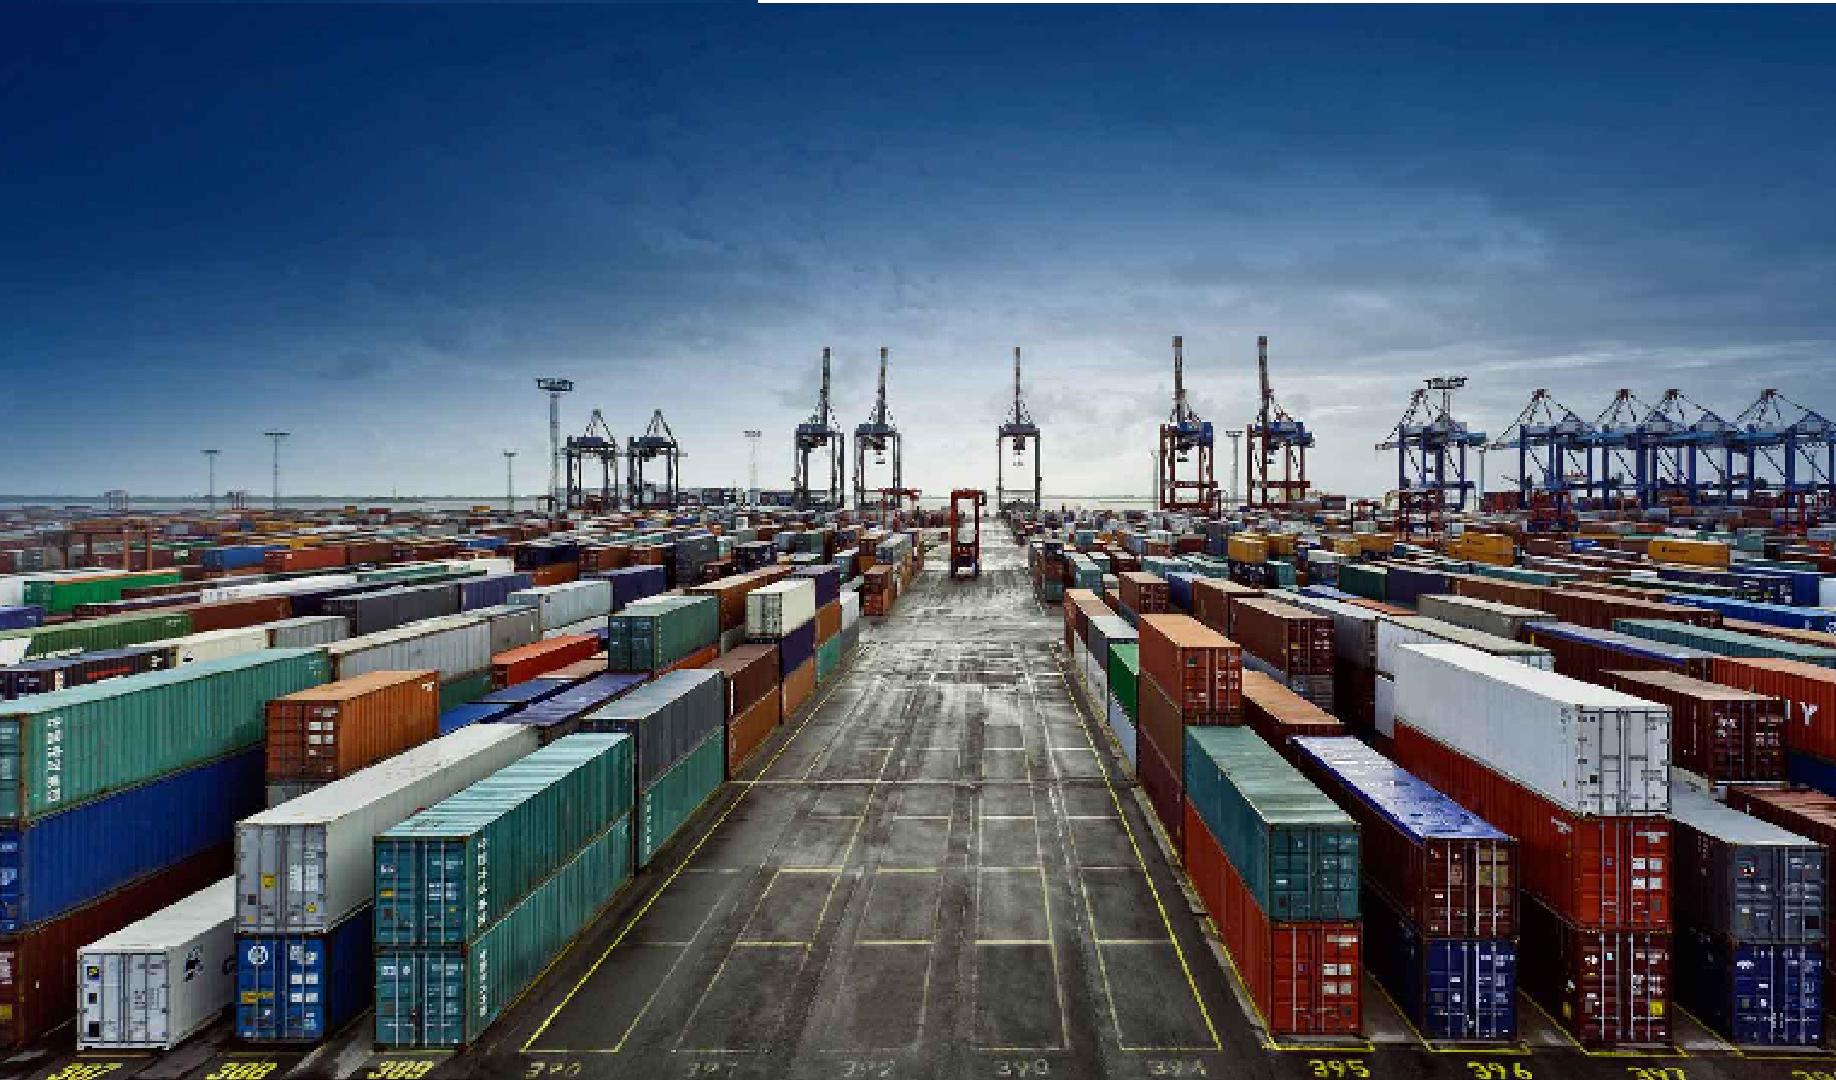 تراز تجاری نیمه نخست سال ۳.۲ میلیارد دلار منفی شد/ صادرات به ترکیه ۷۱ درصد افت کرد+جدول